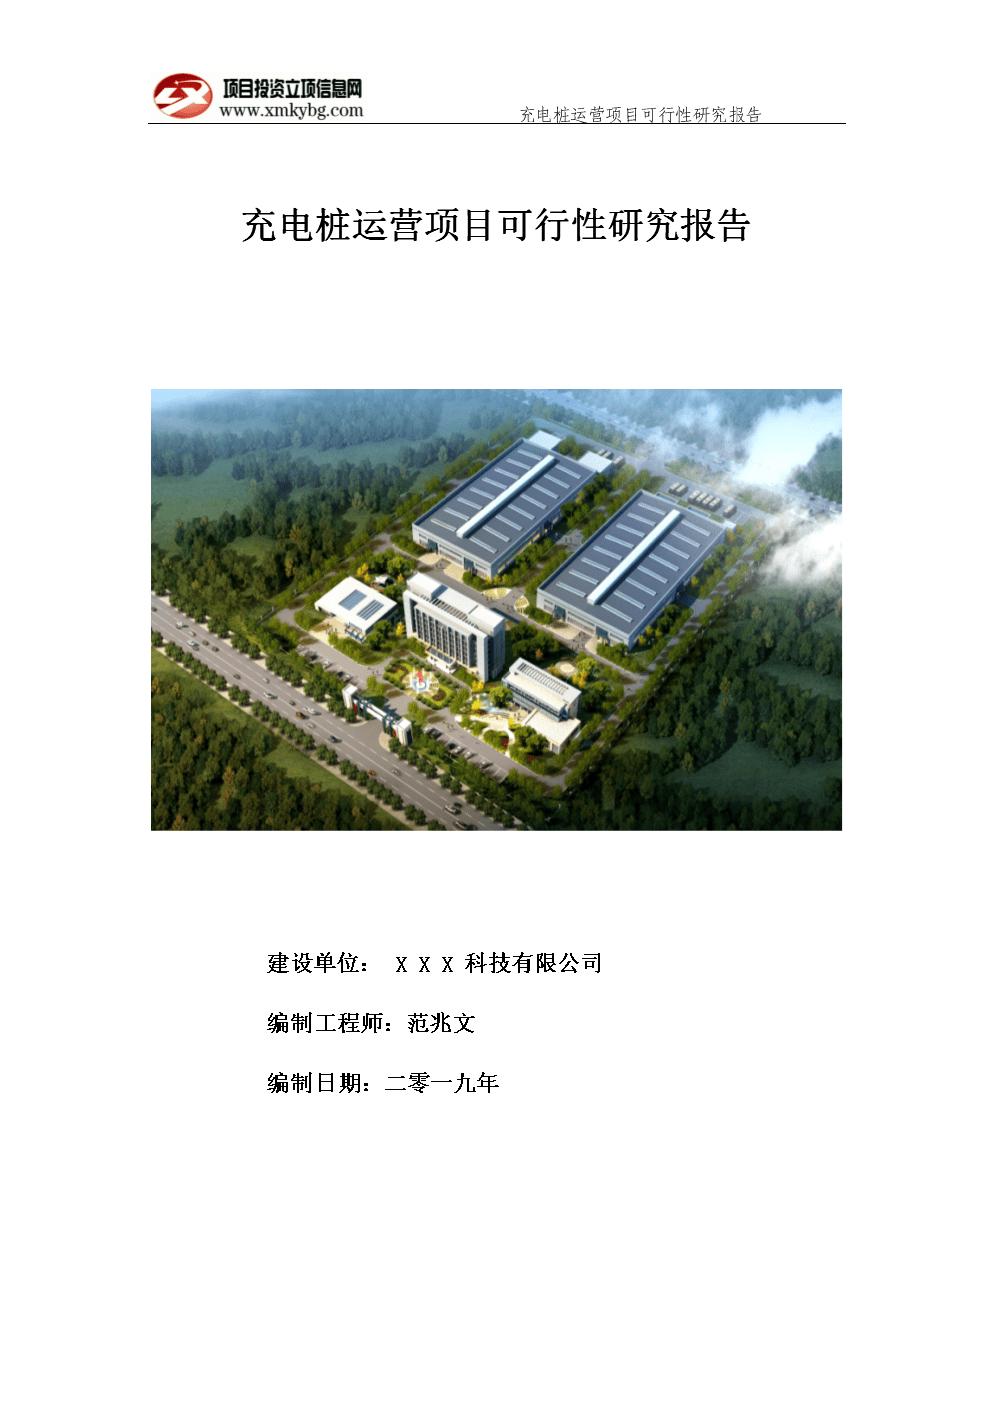 充电桩运营项目可行性研究报告-用于备案立项.doc